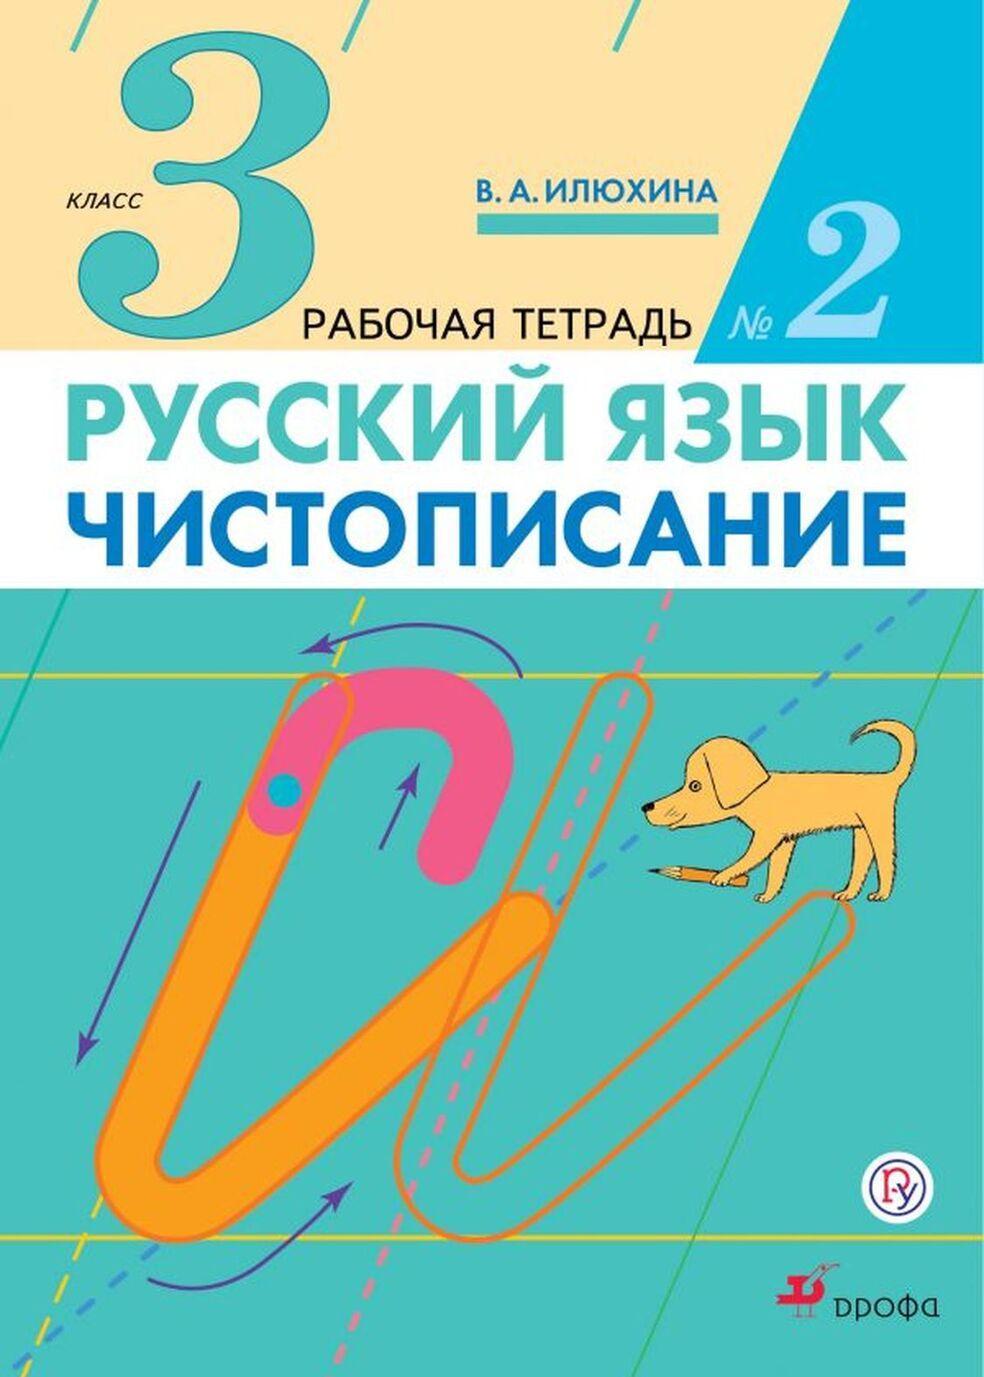 Russkij jazyk. Chistopisanie. 3 klass. Rabochaja tetrad. V 3-kh chastjakh. Chast 2 | Iljukhina Vera Alekseevna